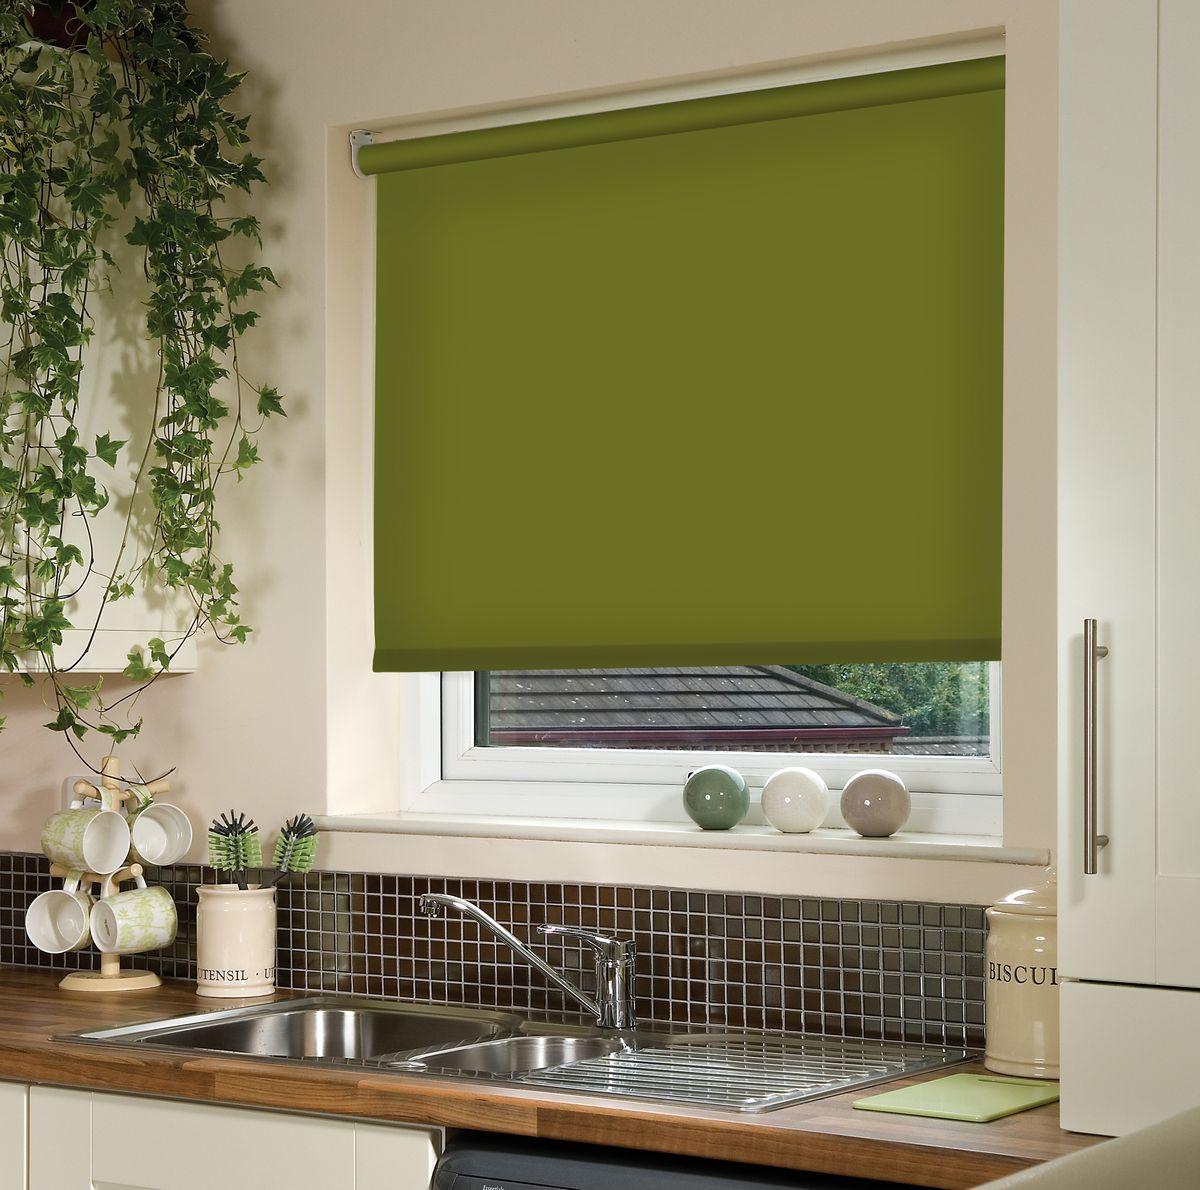 Штора рулонная Эскар, цвет: темно-оливковый, ширина 60 см, высота 170 см10503Рулонными шторами можно оформлять окна как самостоятельно, так и использовать в комбинации с портьерами. Это поможет предотвратить выгорание дорогой ткани на солнце и соединит функционал рулонных с красотой навесных.Преимущества применения рулонных штор для пластиковых окон:- имеют прекрасный внешний вид: многообразие и фактурность материала изделия отлично смотрятся в любом интерьере; - многофункциональны: есть возможность подобрать шторы способные эффективно защитить комнату от солнца, при этом о на не будет слишком темной. - Есть возможность осуществить быстрый монтаж. ВНИМАНИЕ! Размеры ширины изделия указаны по ширине ткани!Во время эксплуатации не рекомендуется полностью разматывать рулон, чтобы не оторвать ткань от намоточного вала.В случае загрязнения поверхности ткани, чистку шторы проводят одним из способов, в зависимости от типа загрязнения: легкое поверхностное загрязнение можно удалить при помощи канцелярского ластика; чистка от пыли производится сухим методом при помощи пылесоса с мягкой щеткой-насадкой; для удаления пятна используйте мягкую губку с пенообразующим неагрессивным моющим средством или пятновыводитель на натуральной основе (нельзя применять растворители).